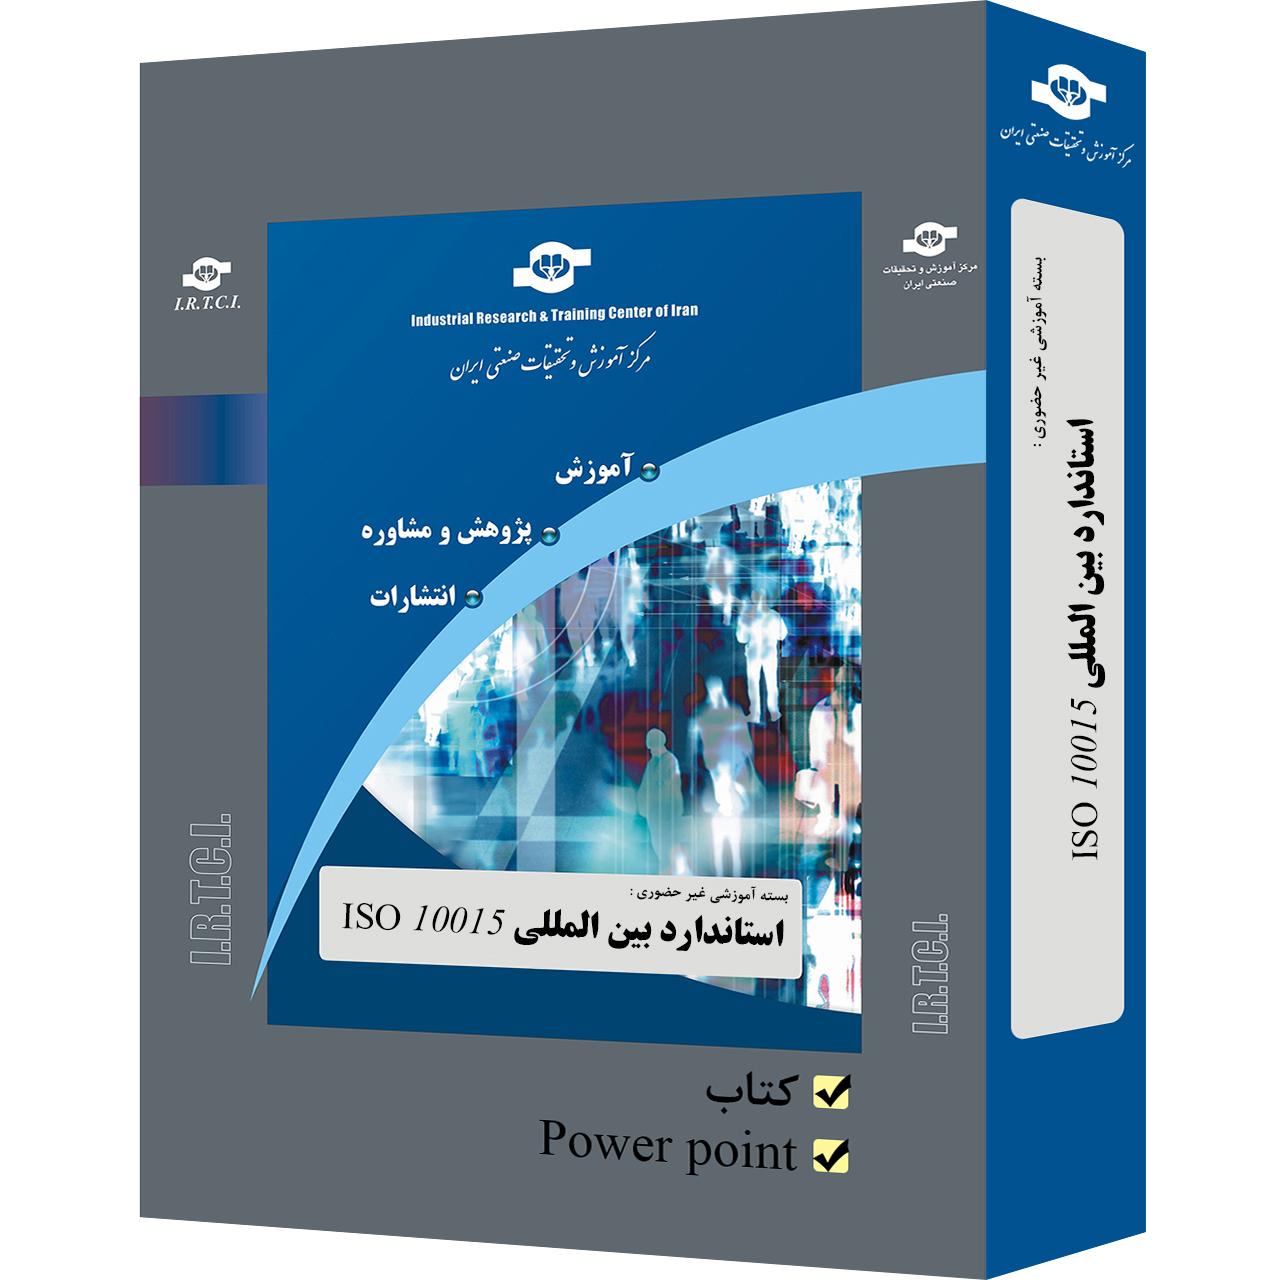 بسته آموزشی غیر حضوری استاندارد بین المللی مدیریت آموزش ISO 10015 تدوین مرکز آموزش و تحقیقات صنعتی ایران